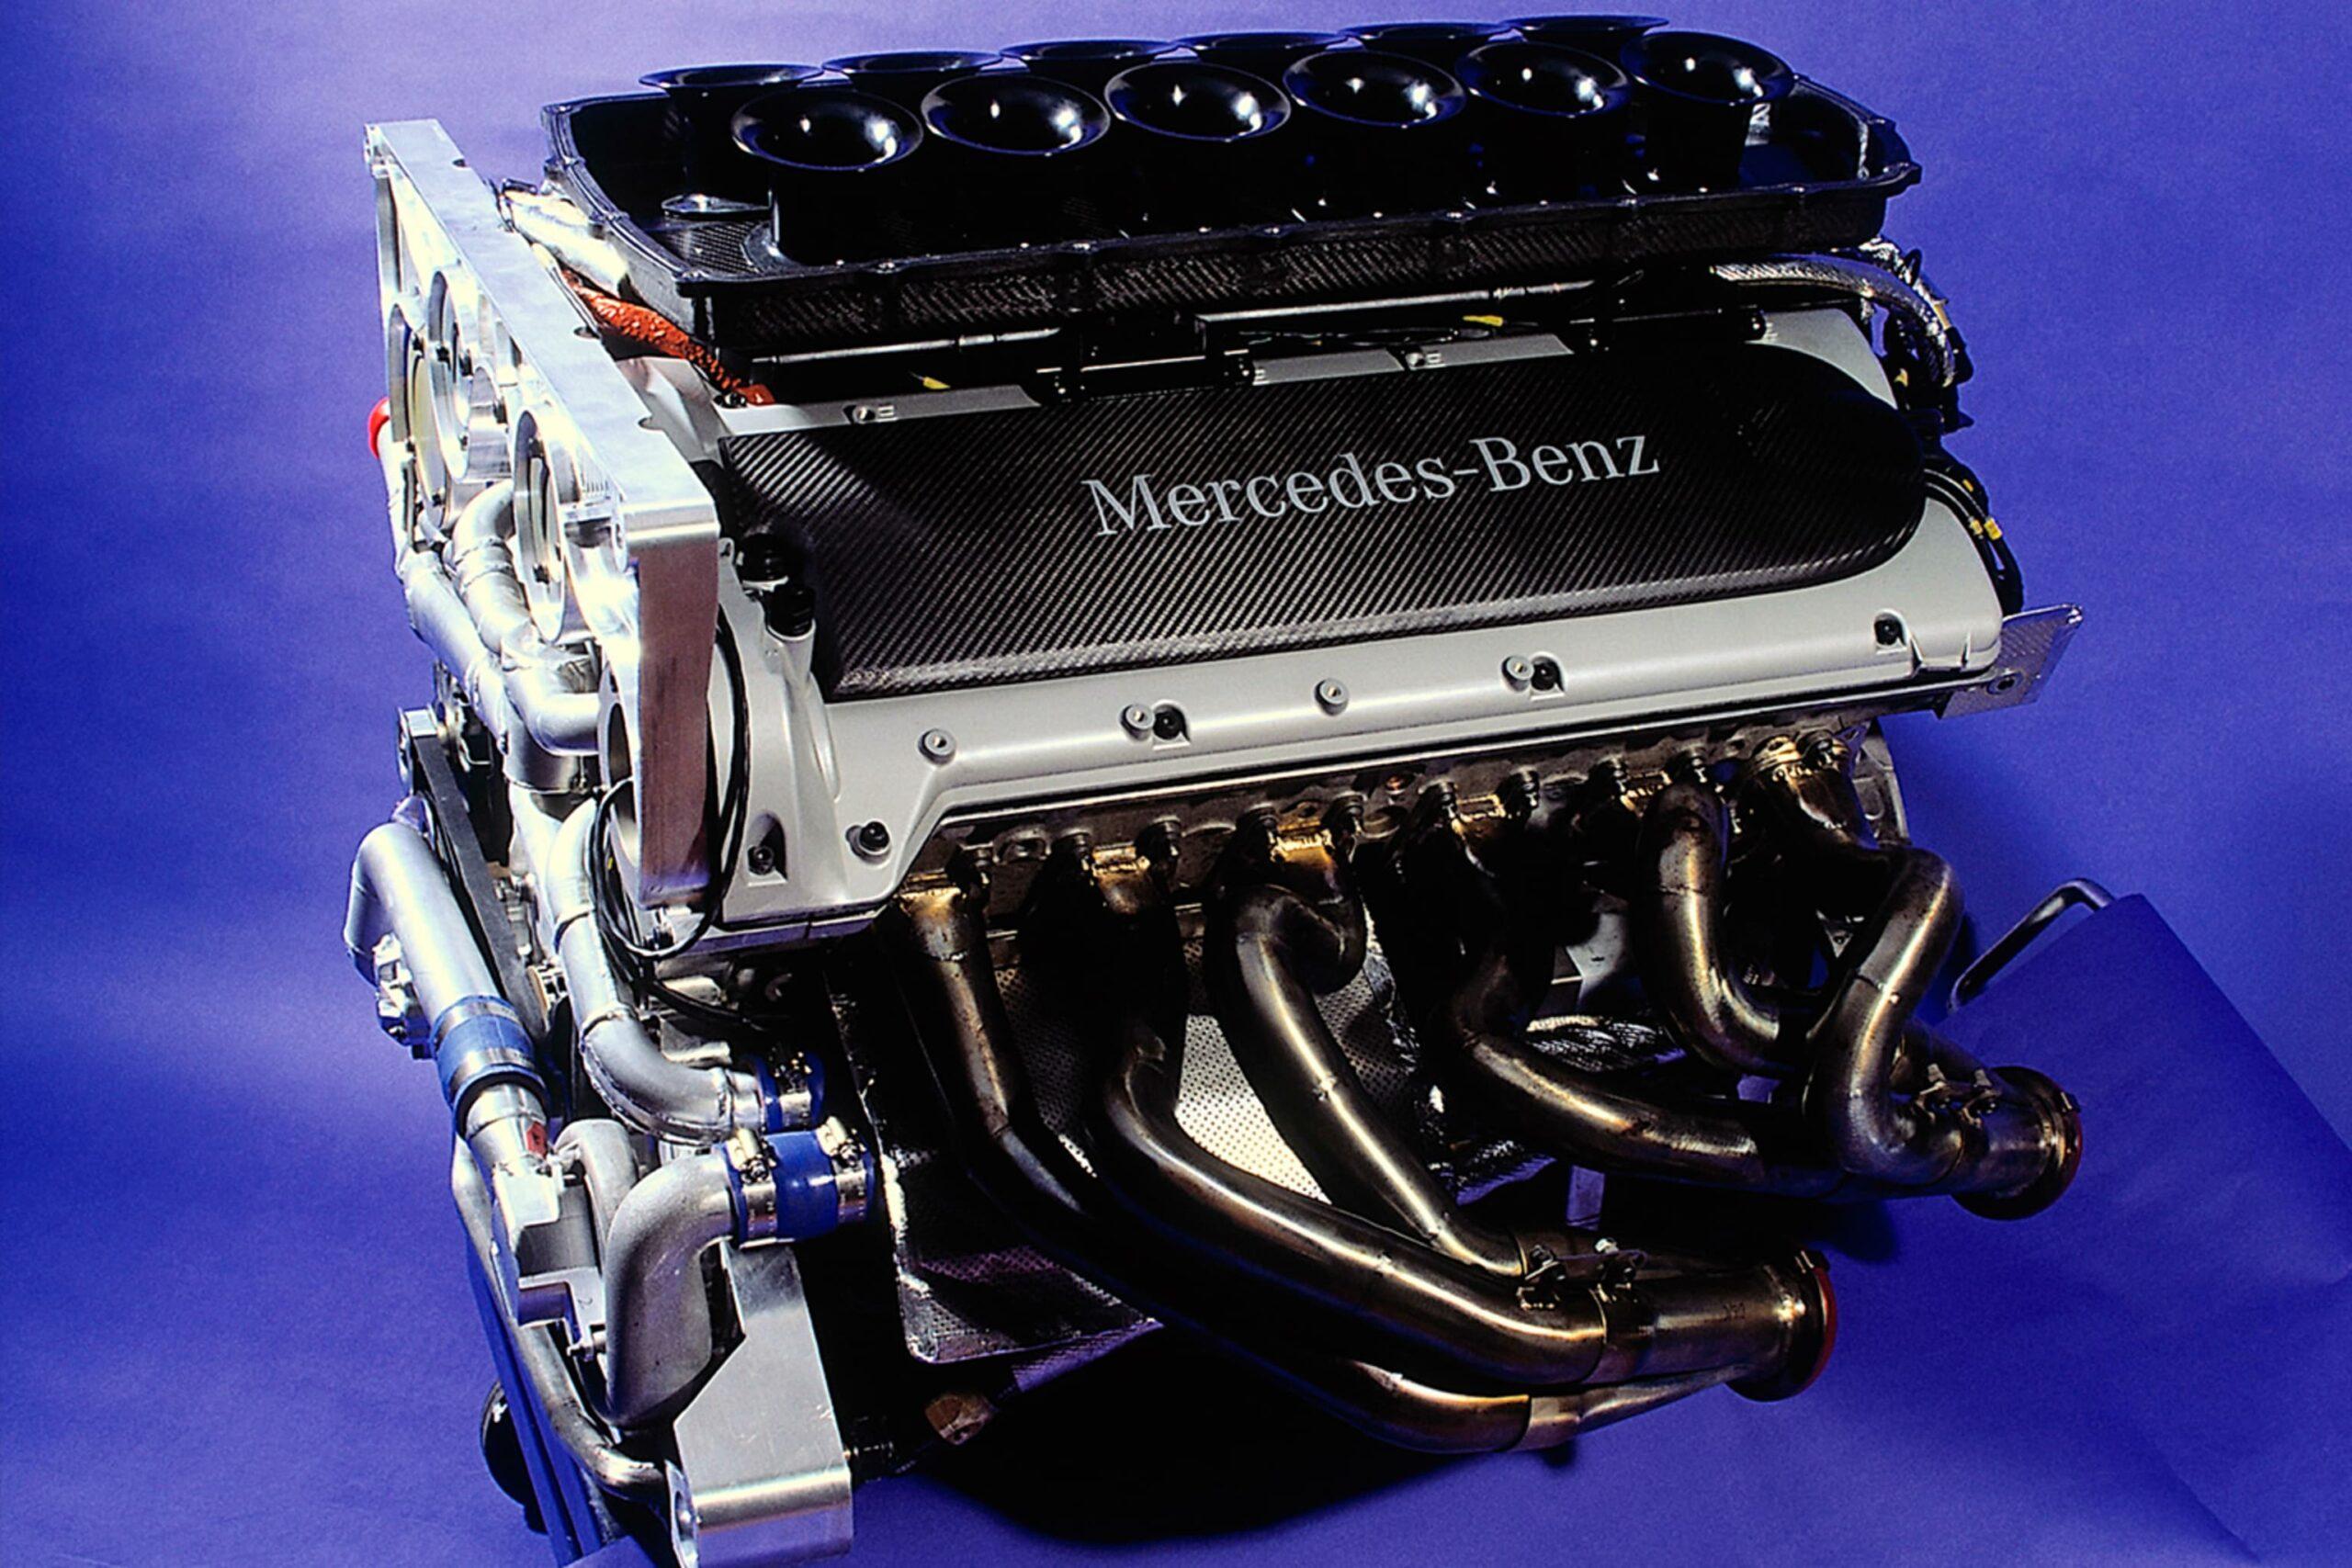 Mercedes-Benz M120 / M297 Engine